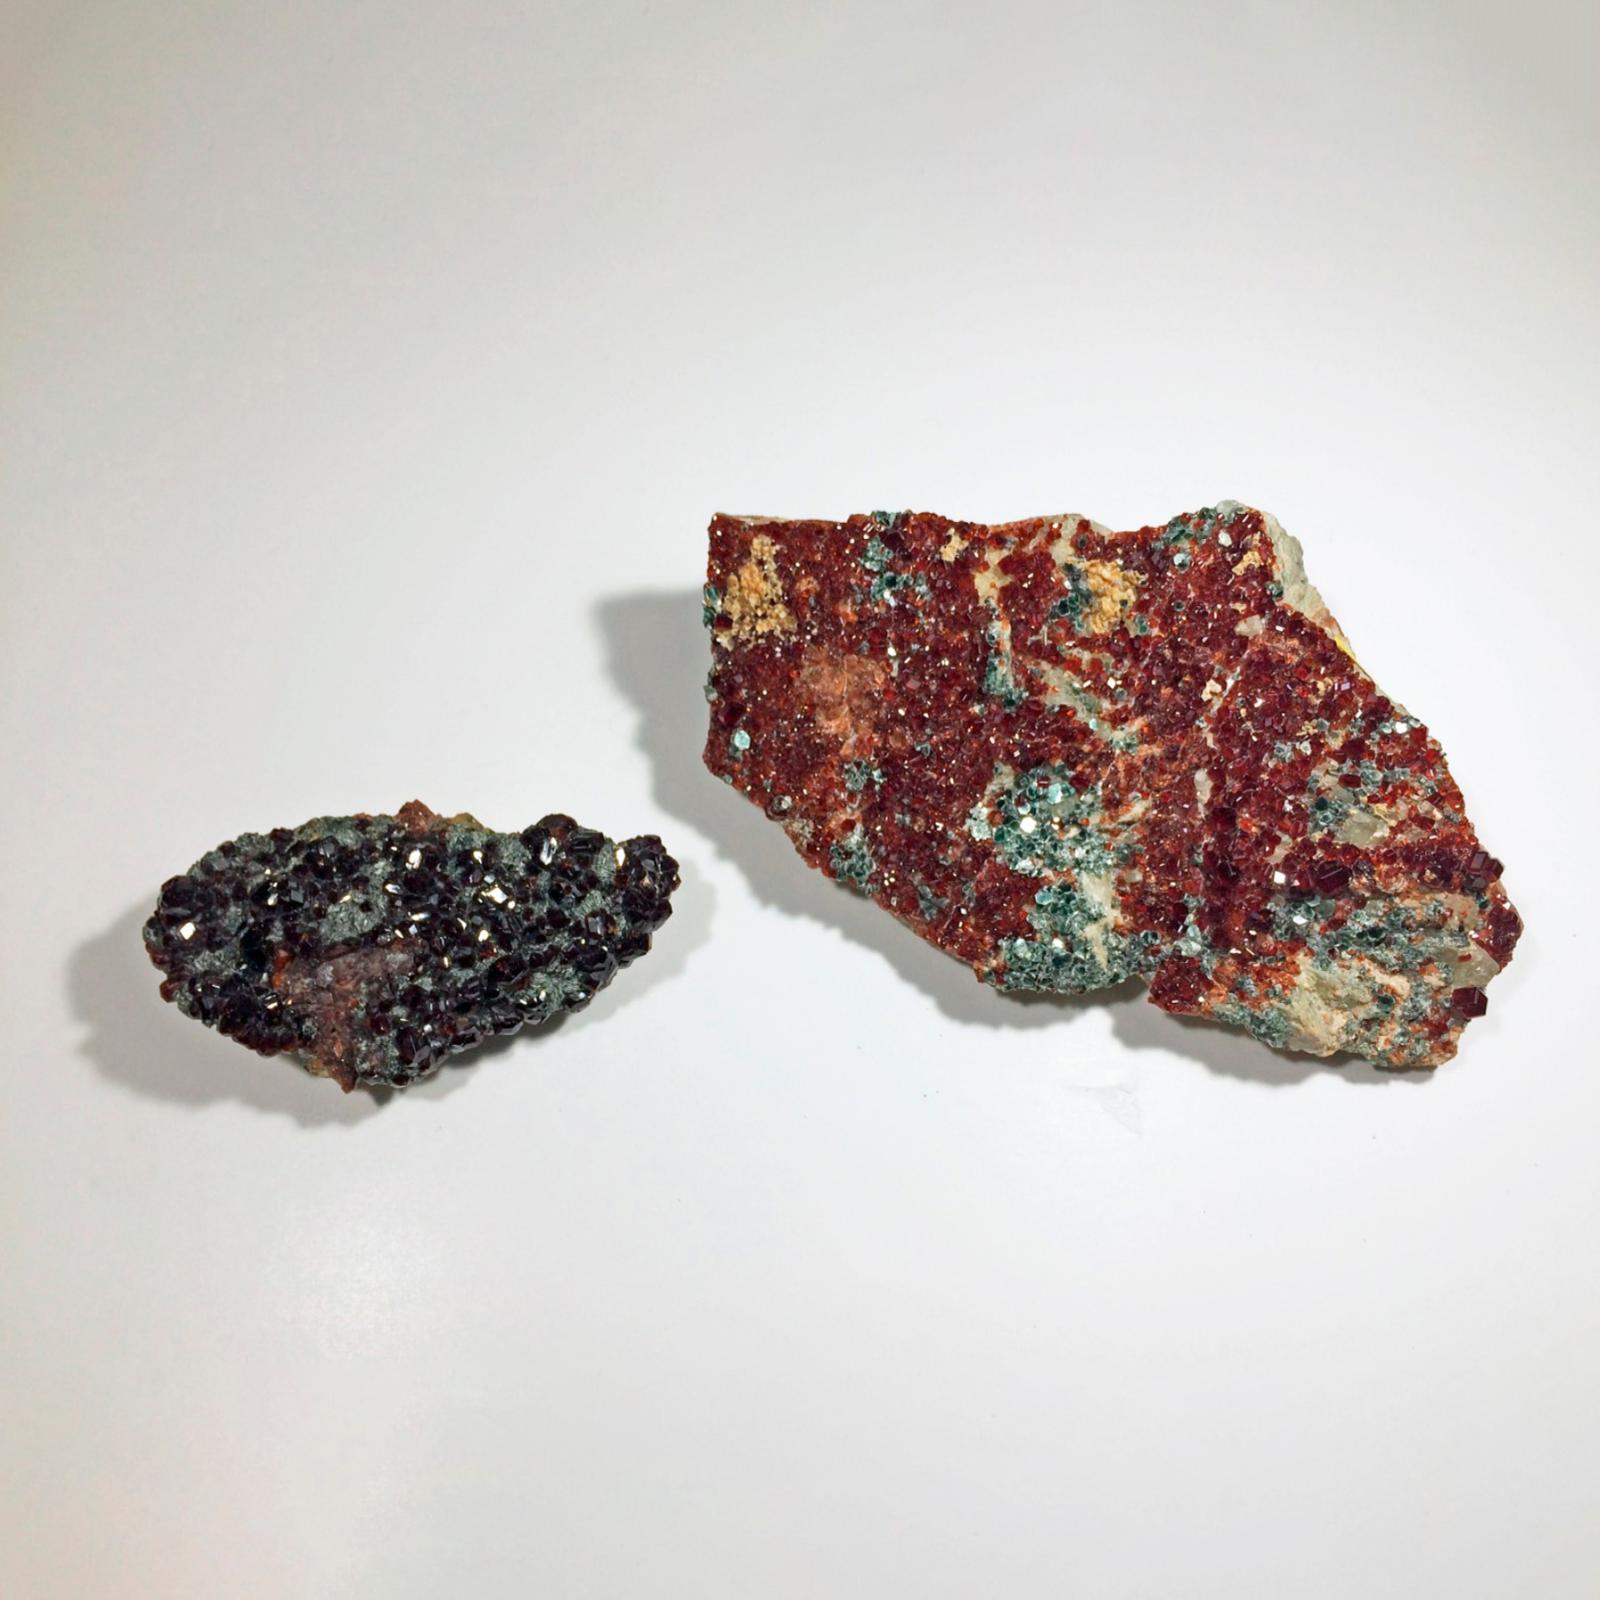 230€ Lot de deux grenats, variété de spessartite (Italie et France), 7 et 12cm. Paris, salle Rossini, 17juin 2016. RossiniOVV, M.Dura